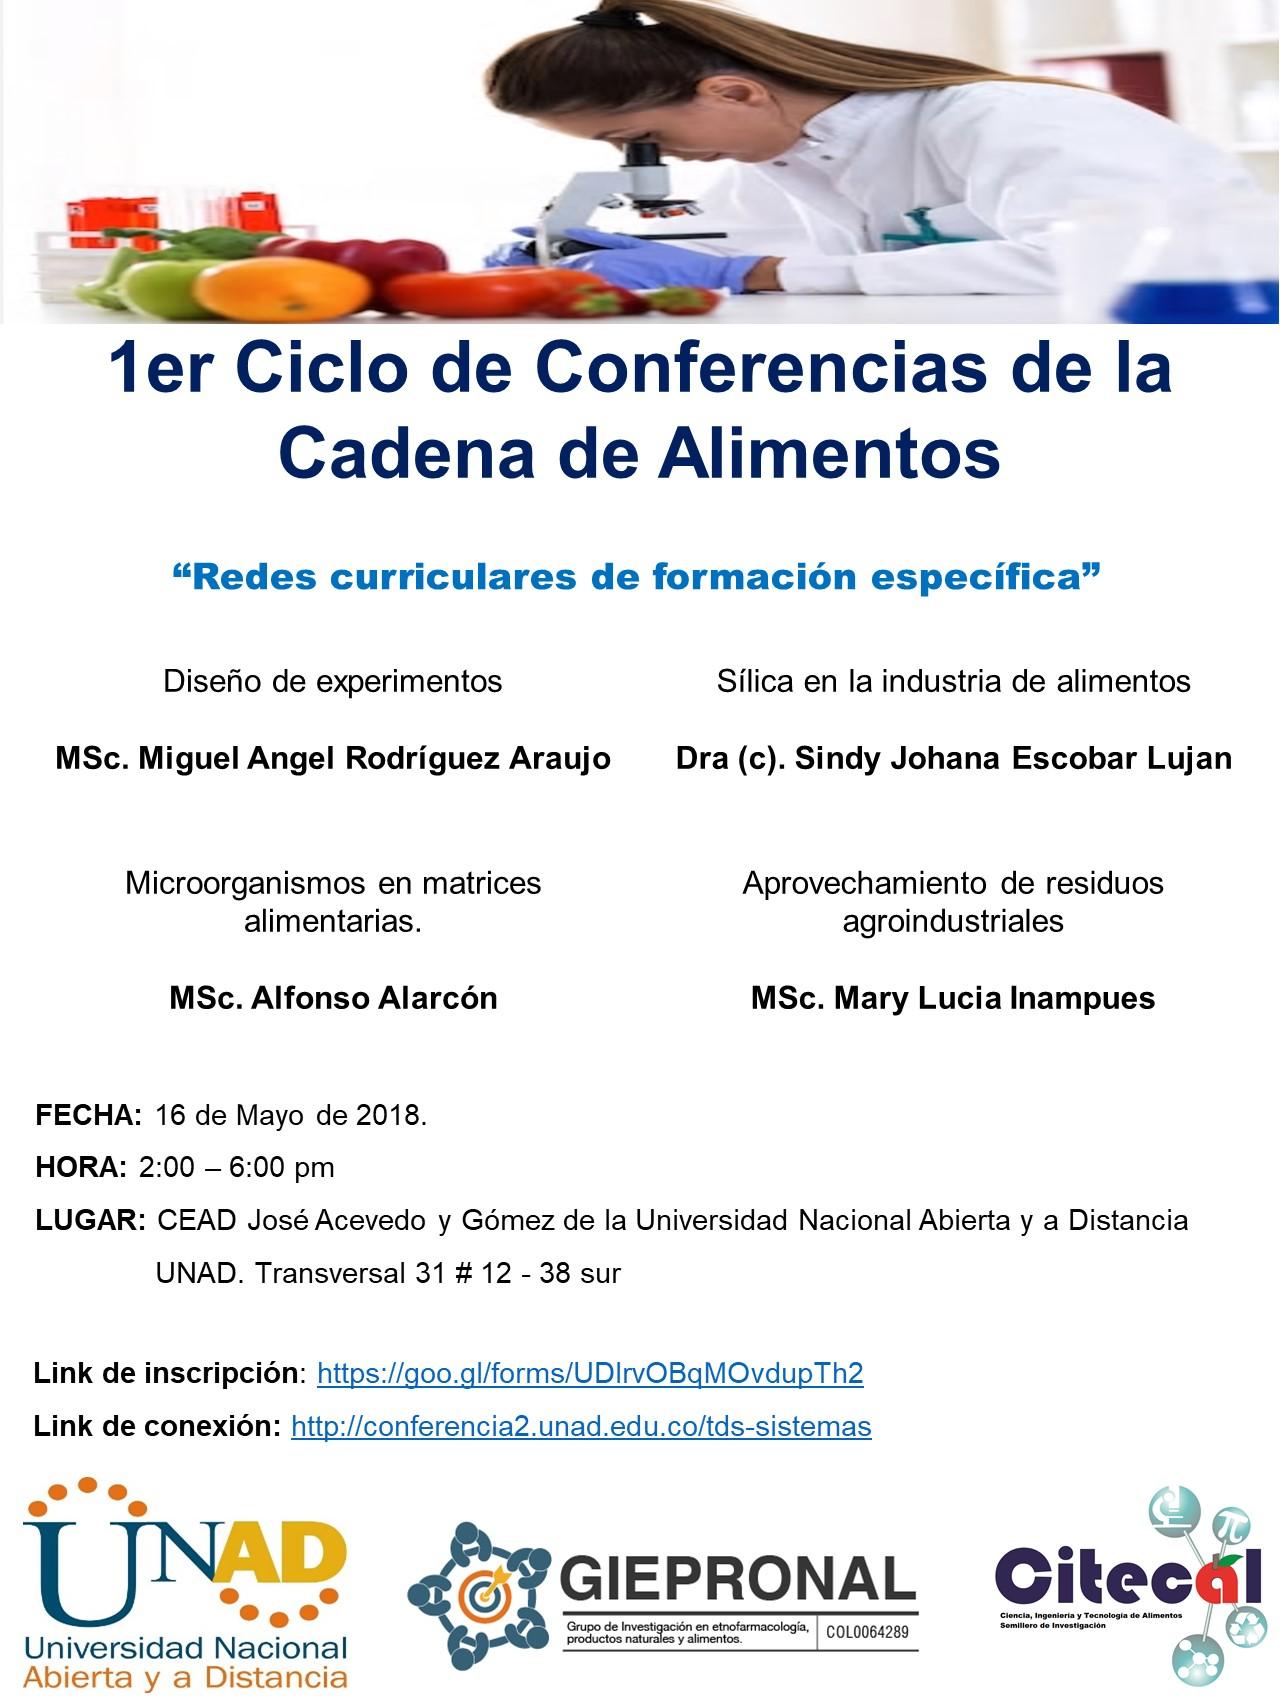 1er Ciclo de Conferencias de la Cadena de Alimentos